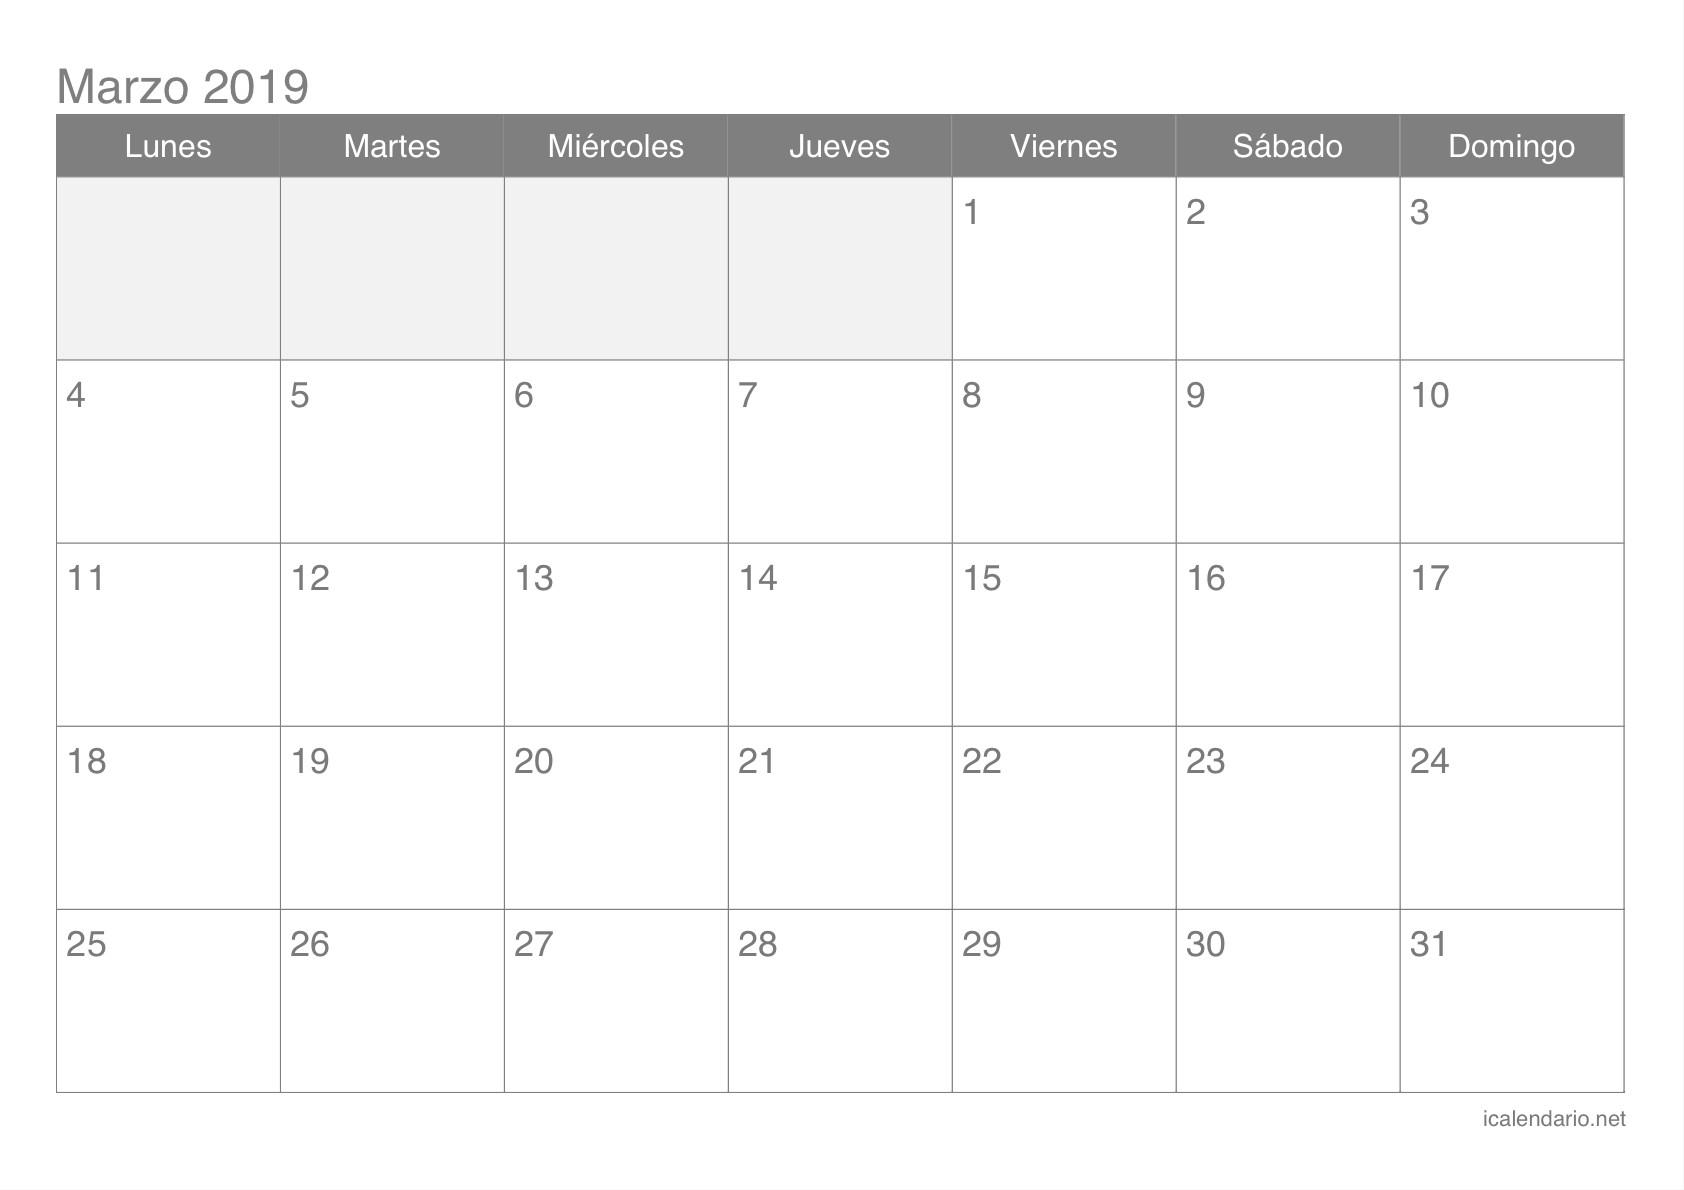 Calendario Marzo Y Abril 2017 Para Imprimir Más Recientes Calendario Para Imprimir Of Calendario Marzo Y Abril 2017 Para Imprimir Más Actual Calaméo Deia